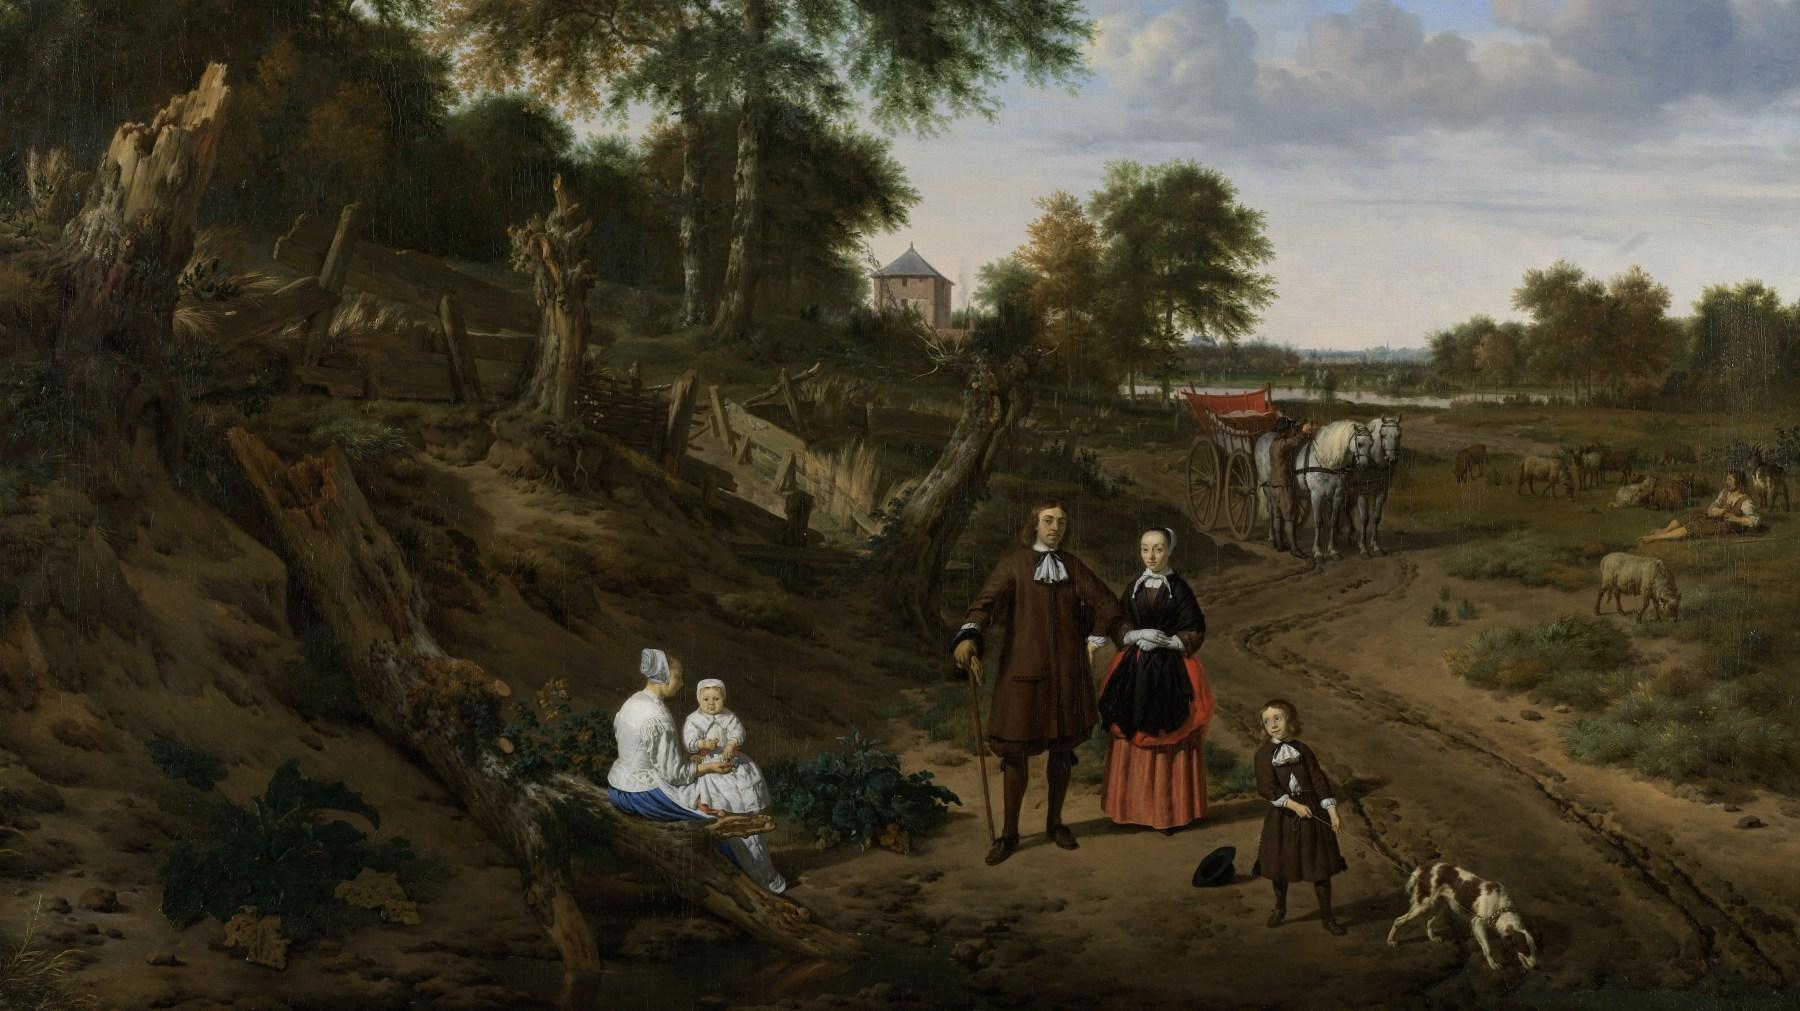 Rijksmuseum Staging First-Ever Retrospective of Adriaen van de Velde's Work